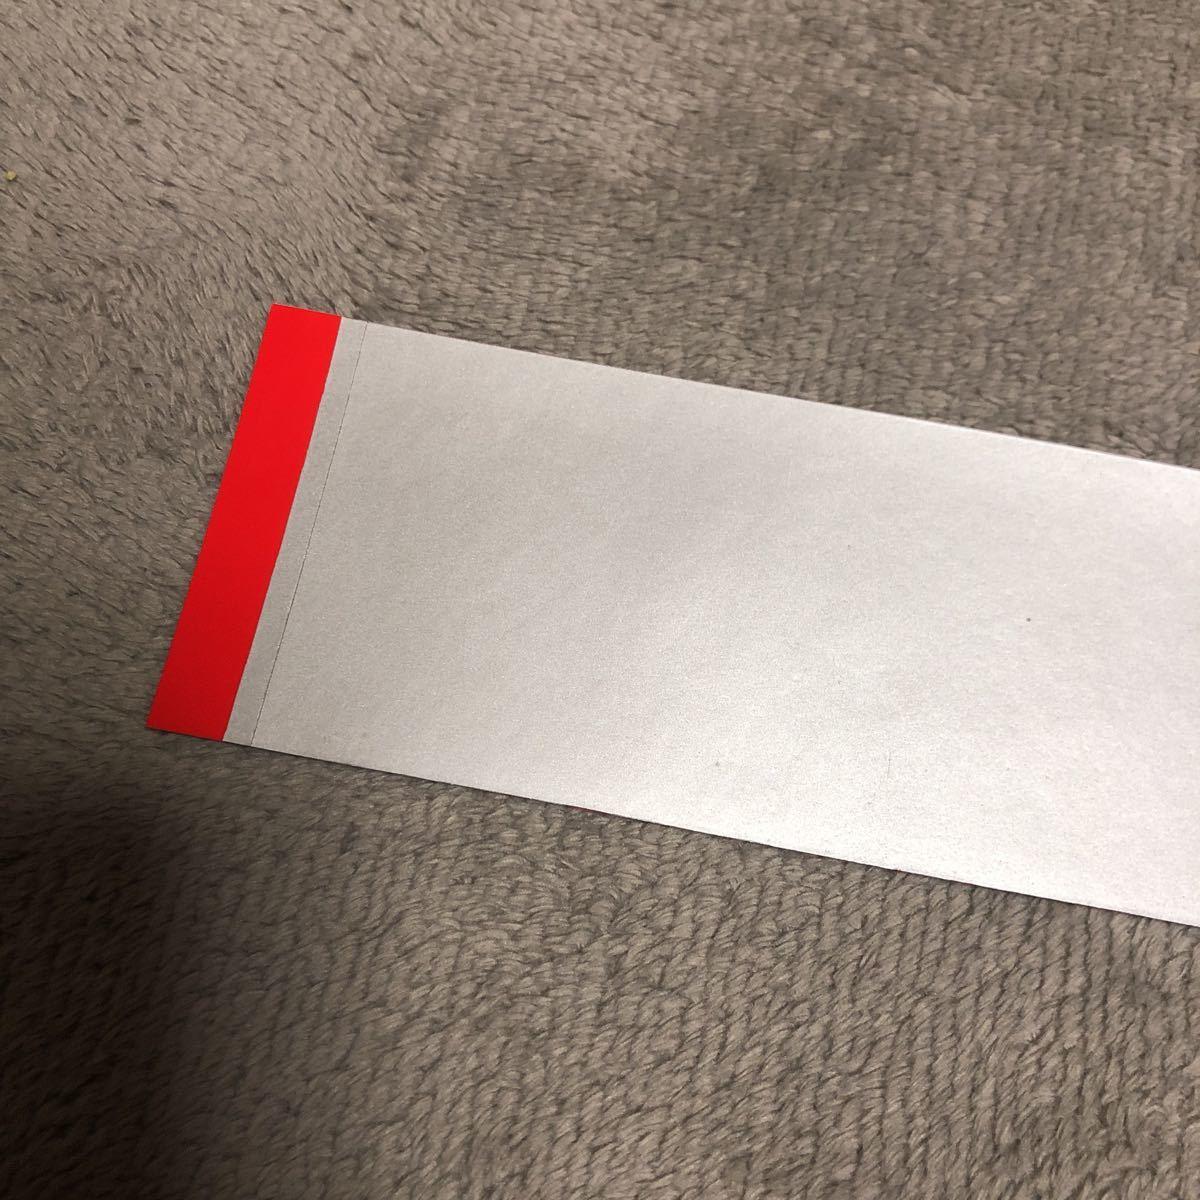 新品 Supreme Scratch Box Logo ステッカー シュプリーム スクラッチ ボックスロゴ 19FW 19AW_画像2